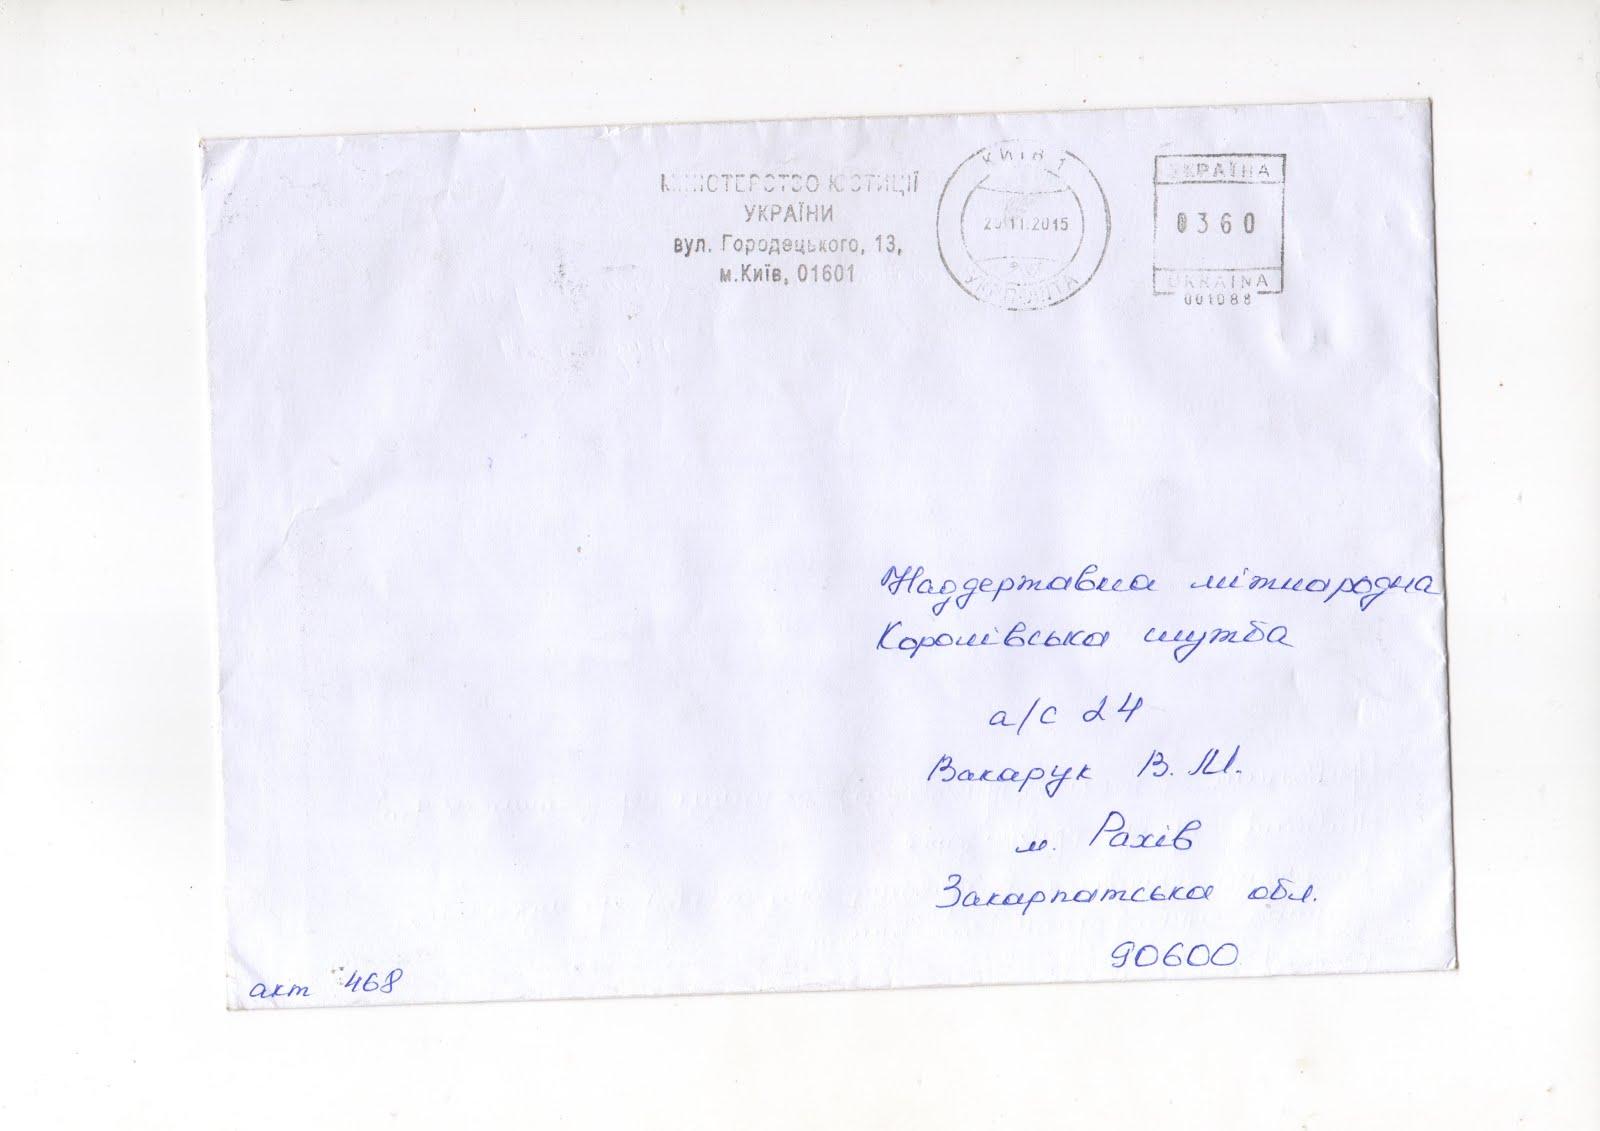 """Ось конверт від (спеціального документа) від """"Міністерства Юстиції ,2015 рік ,листопад ."""